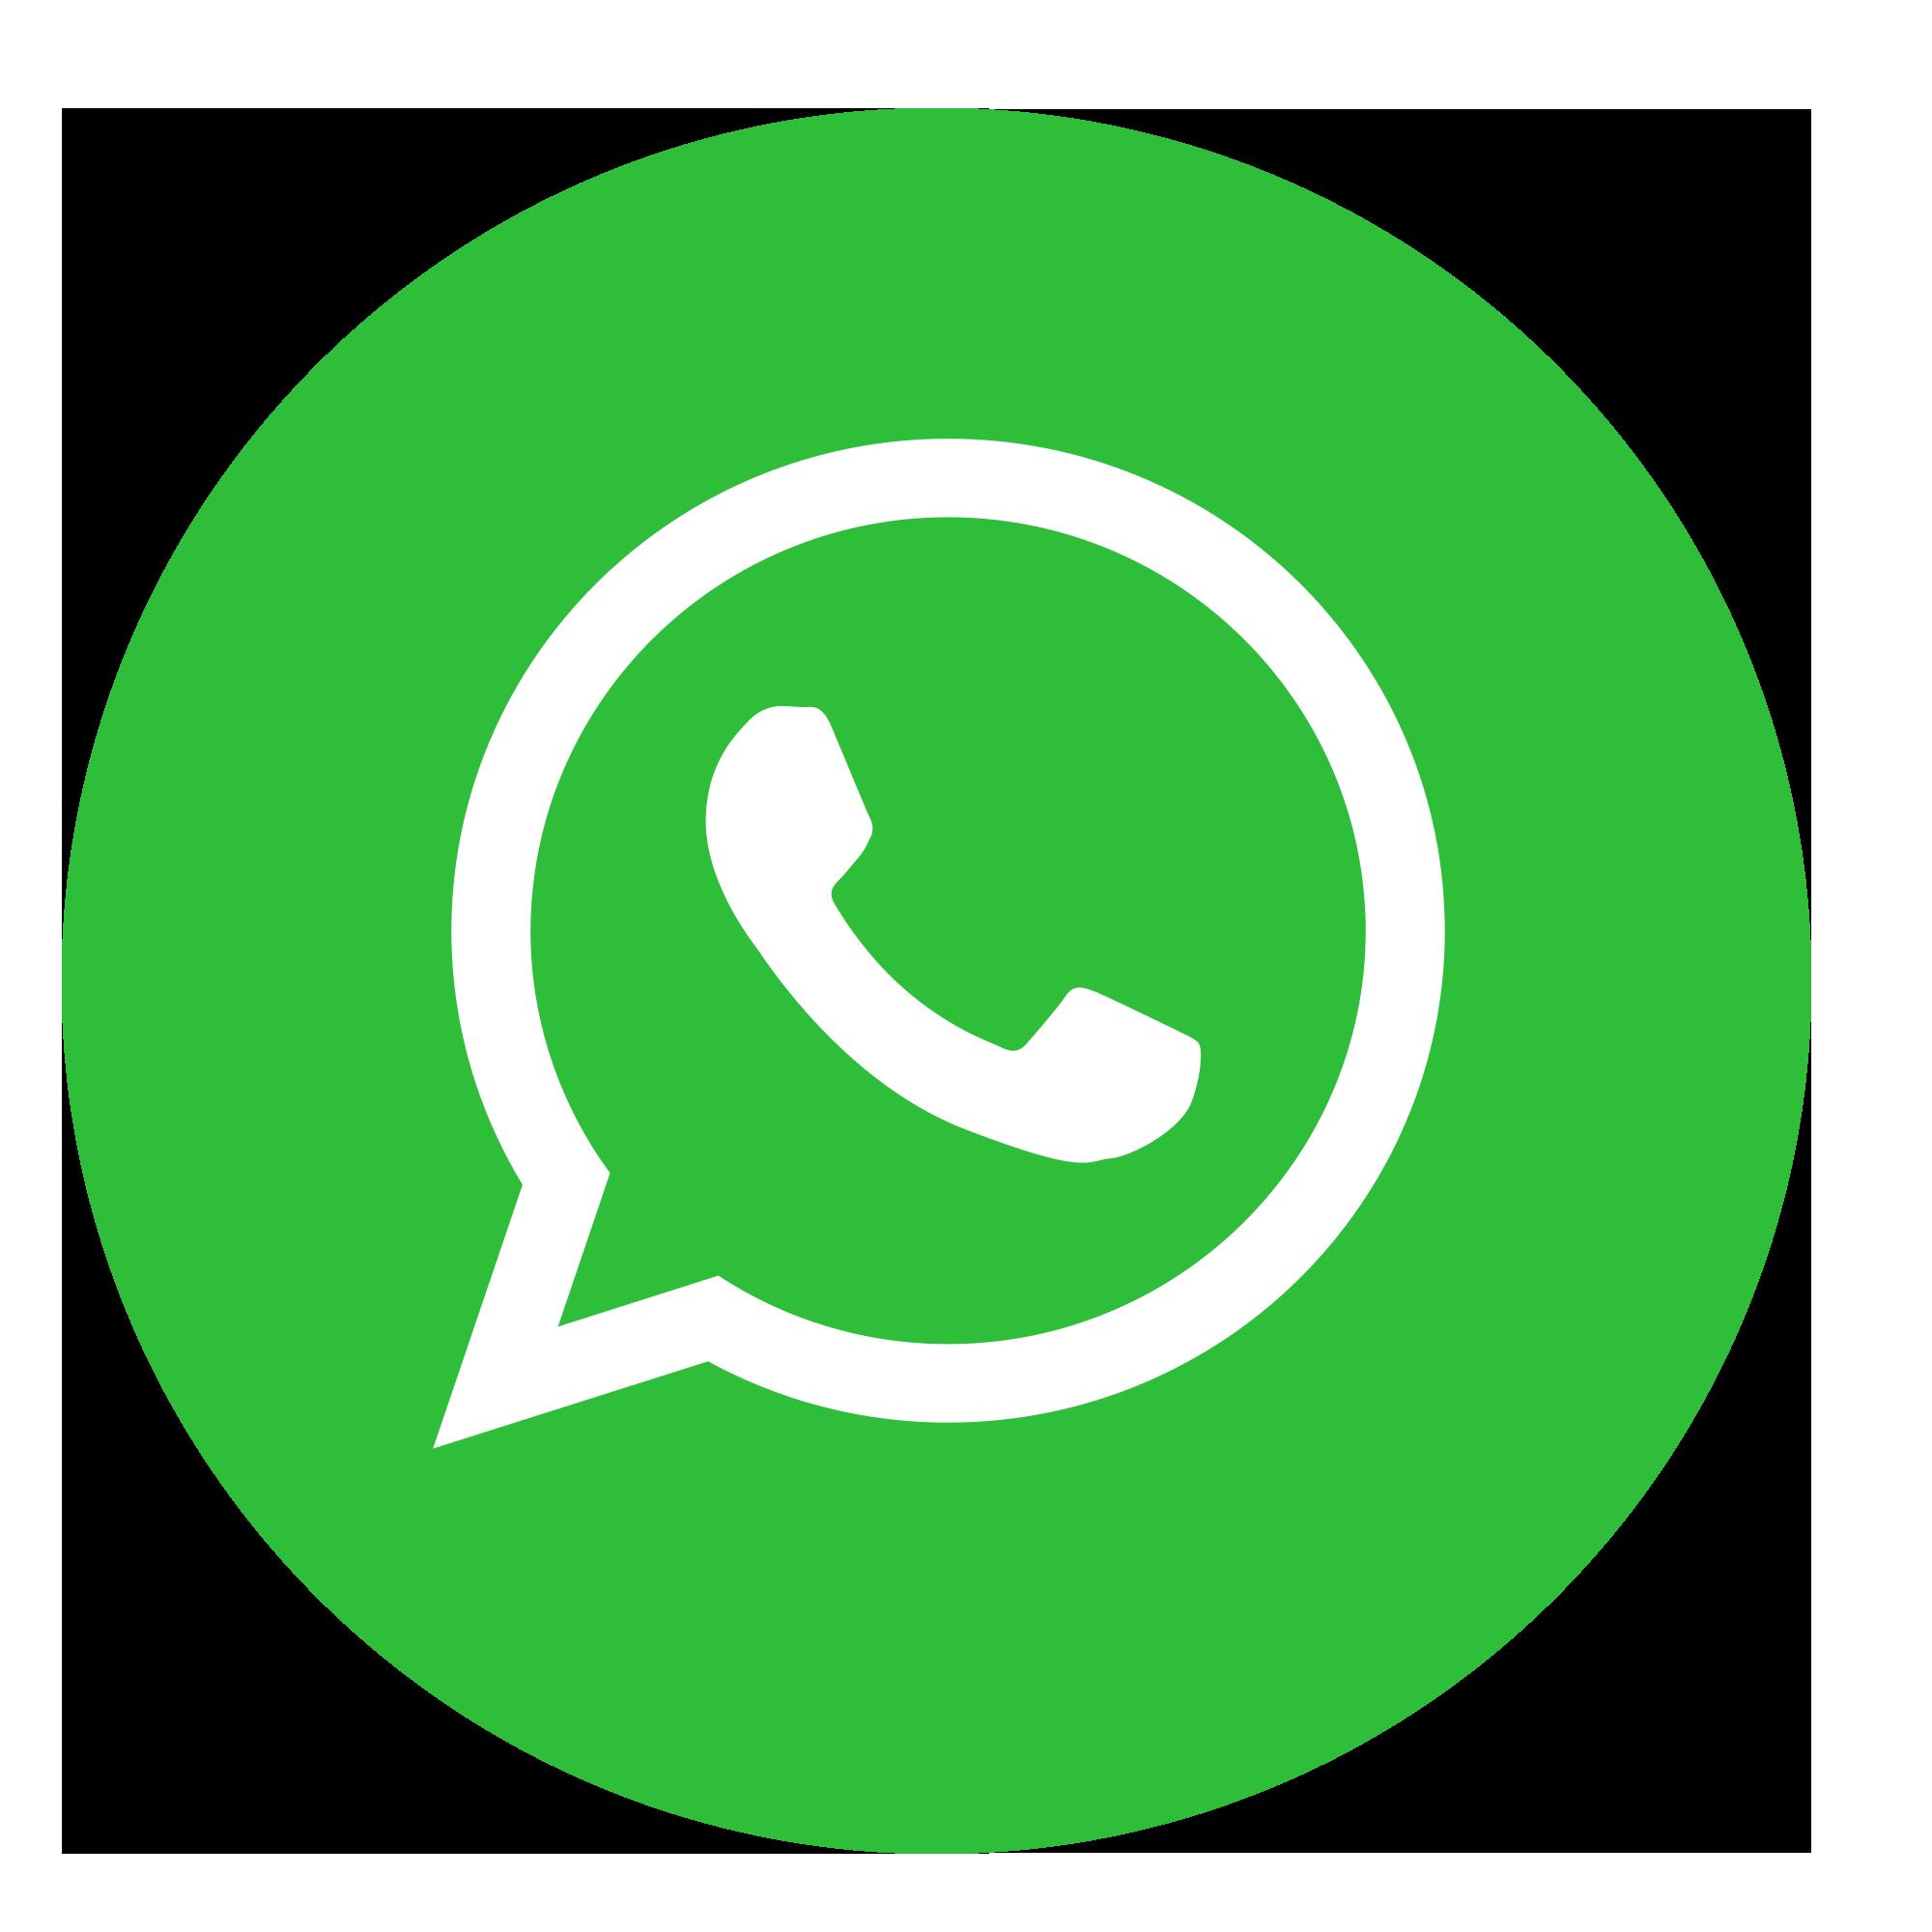 مشاوره و سفارش در واتساپ